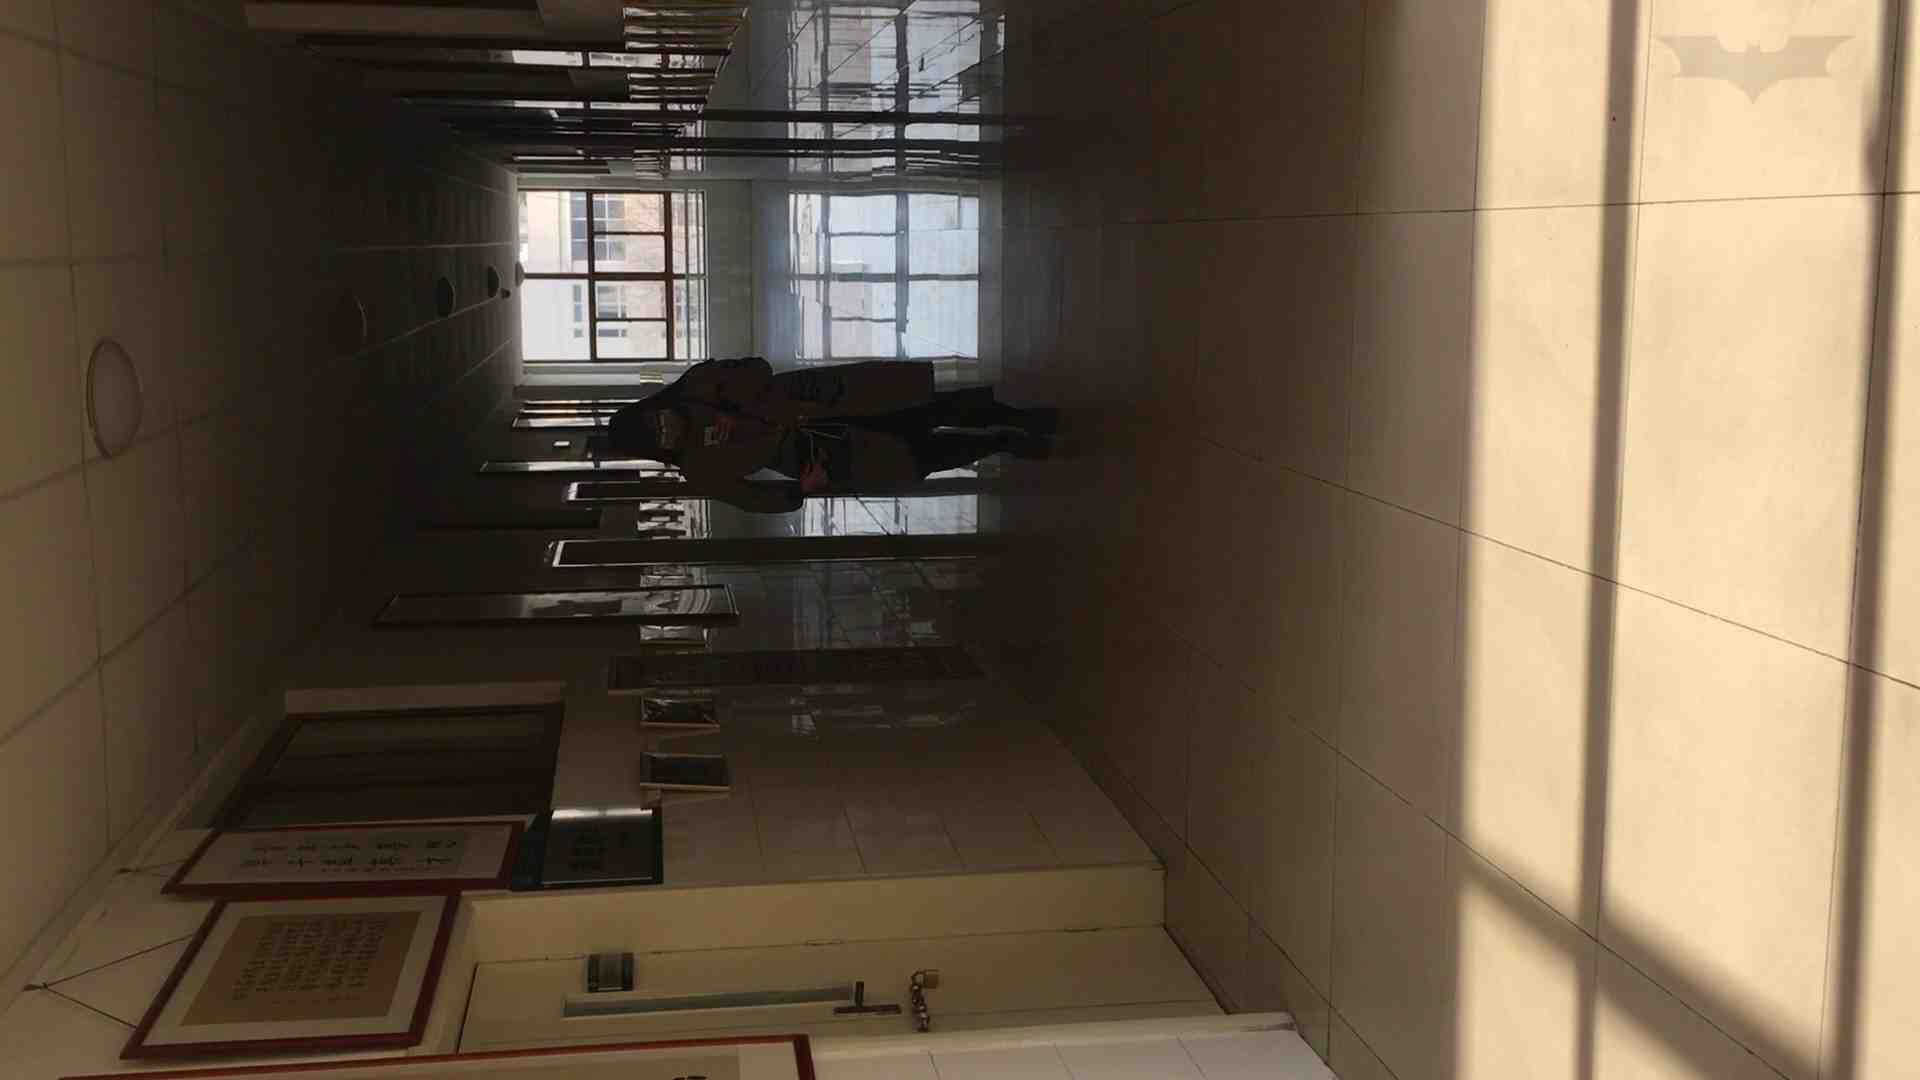 ハメ撮り|芸術大学ガチ潜入盗撮 JD盗撮 美女の洗面所の秘密 Vol.88|怪盗ジョーカー